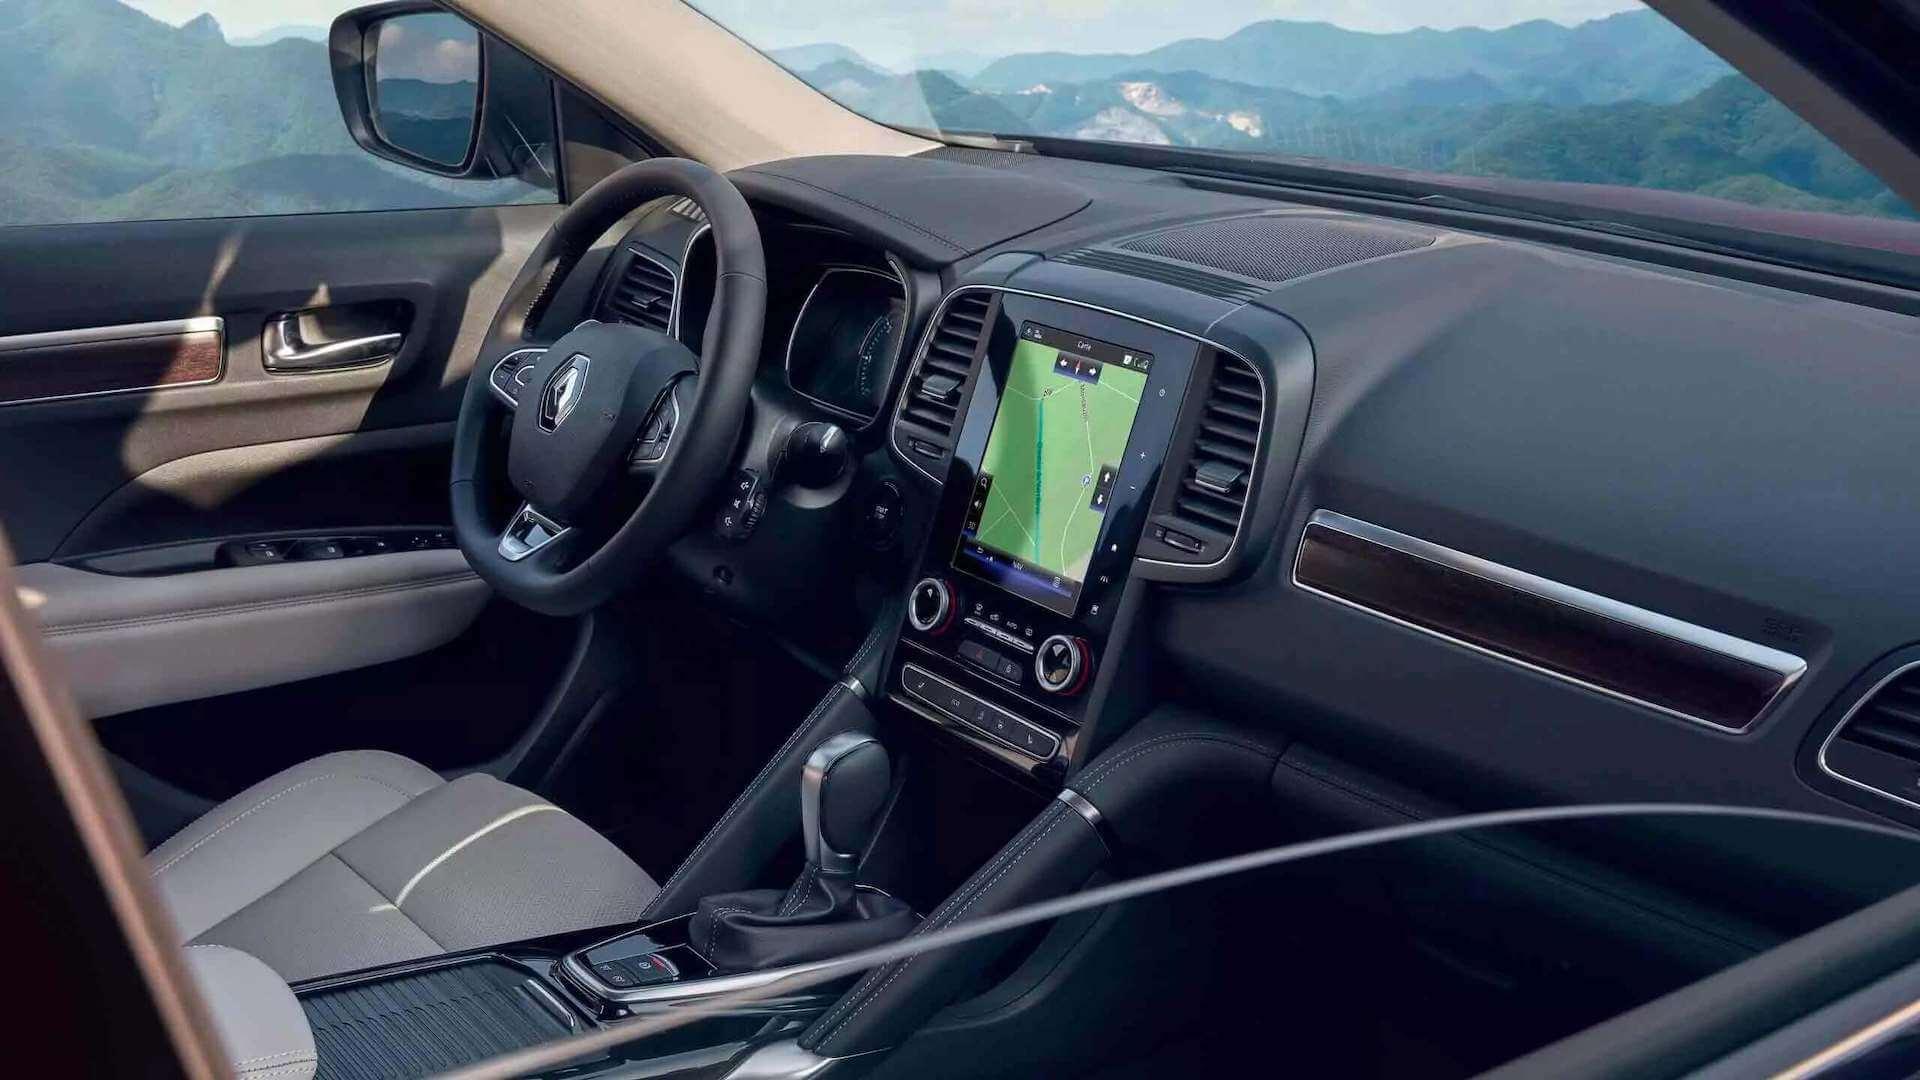 Cockpit - Auto von innen - Renault Koleos - Renault Ahrens Hannover